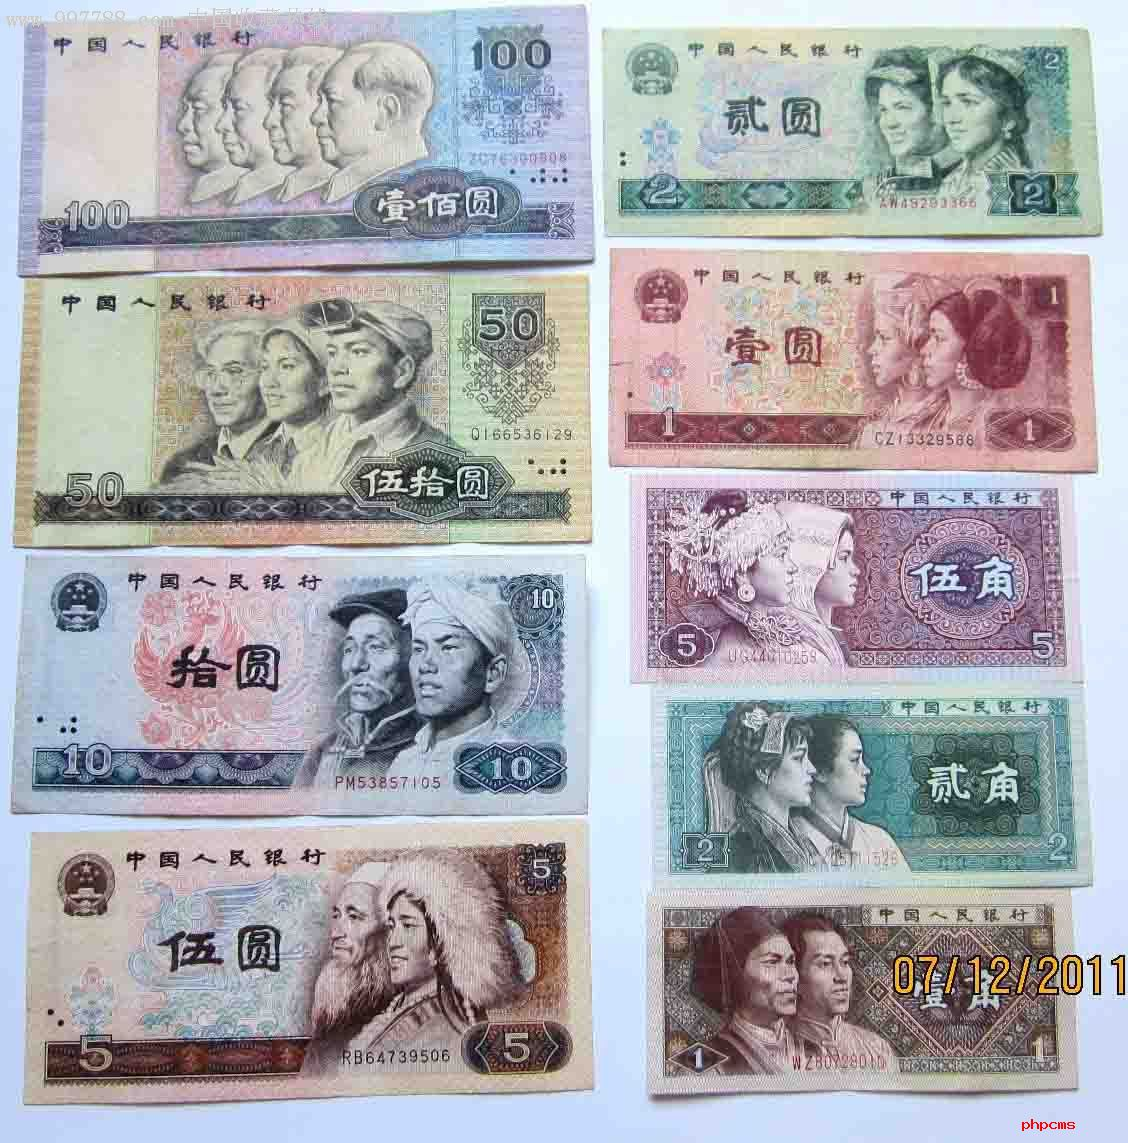 一起聊聊第四套人民币的 收藏价值